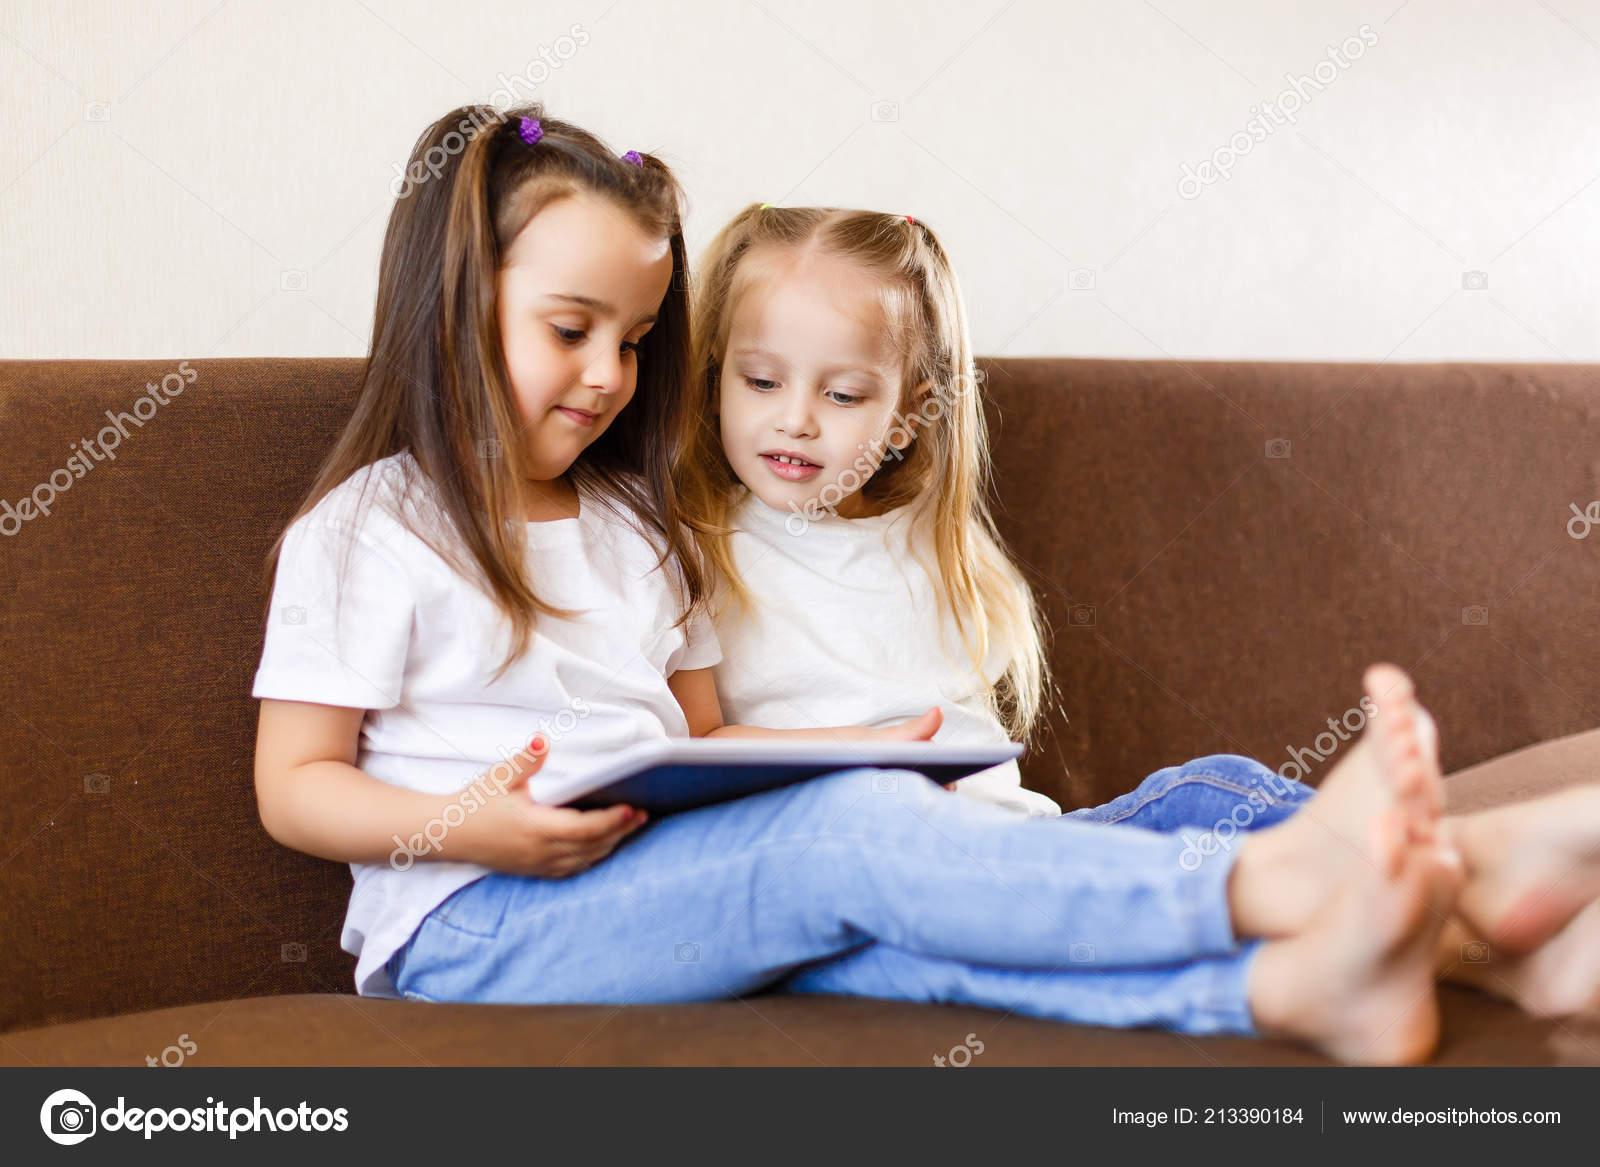 Сестра играла а он вставил ей, Сестра приклеилась к столу, а брат воспользовался этим 19 фотография